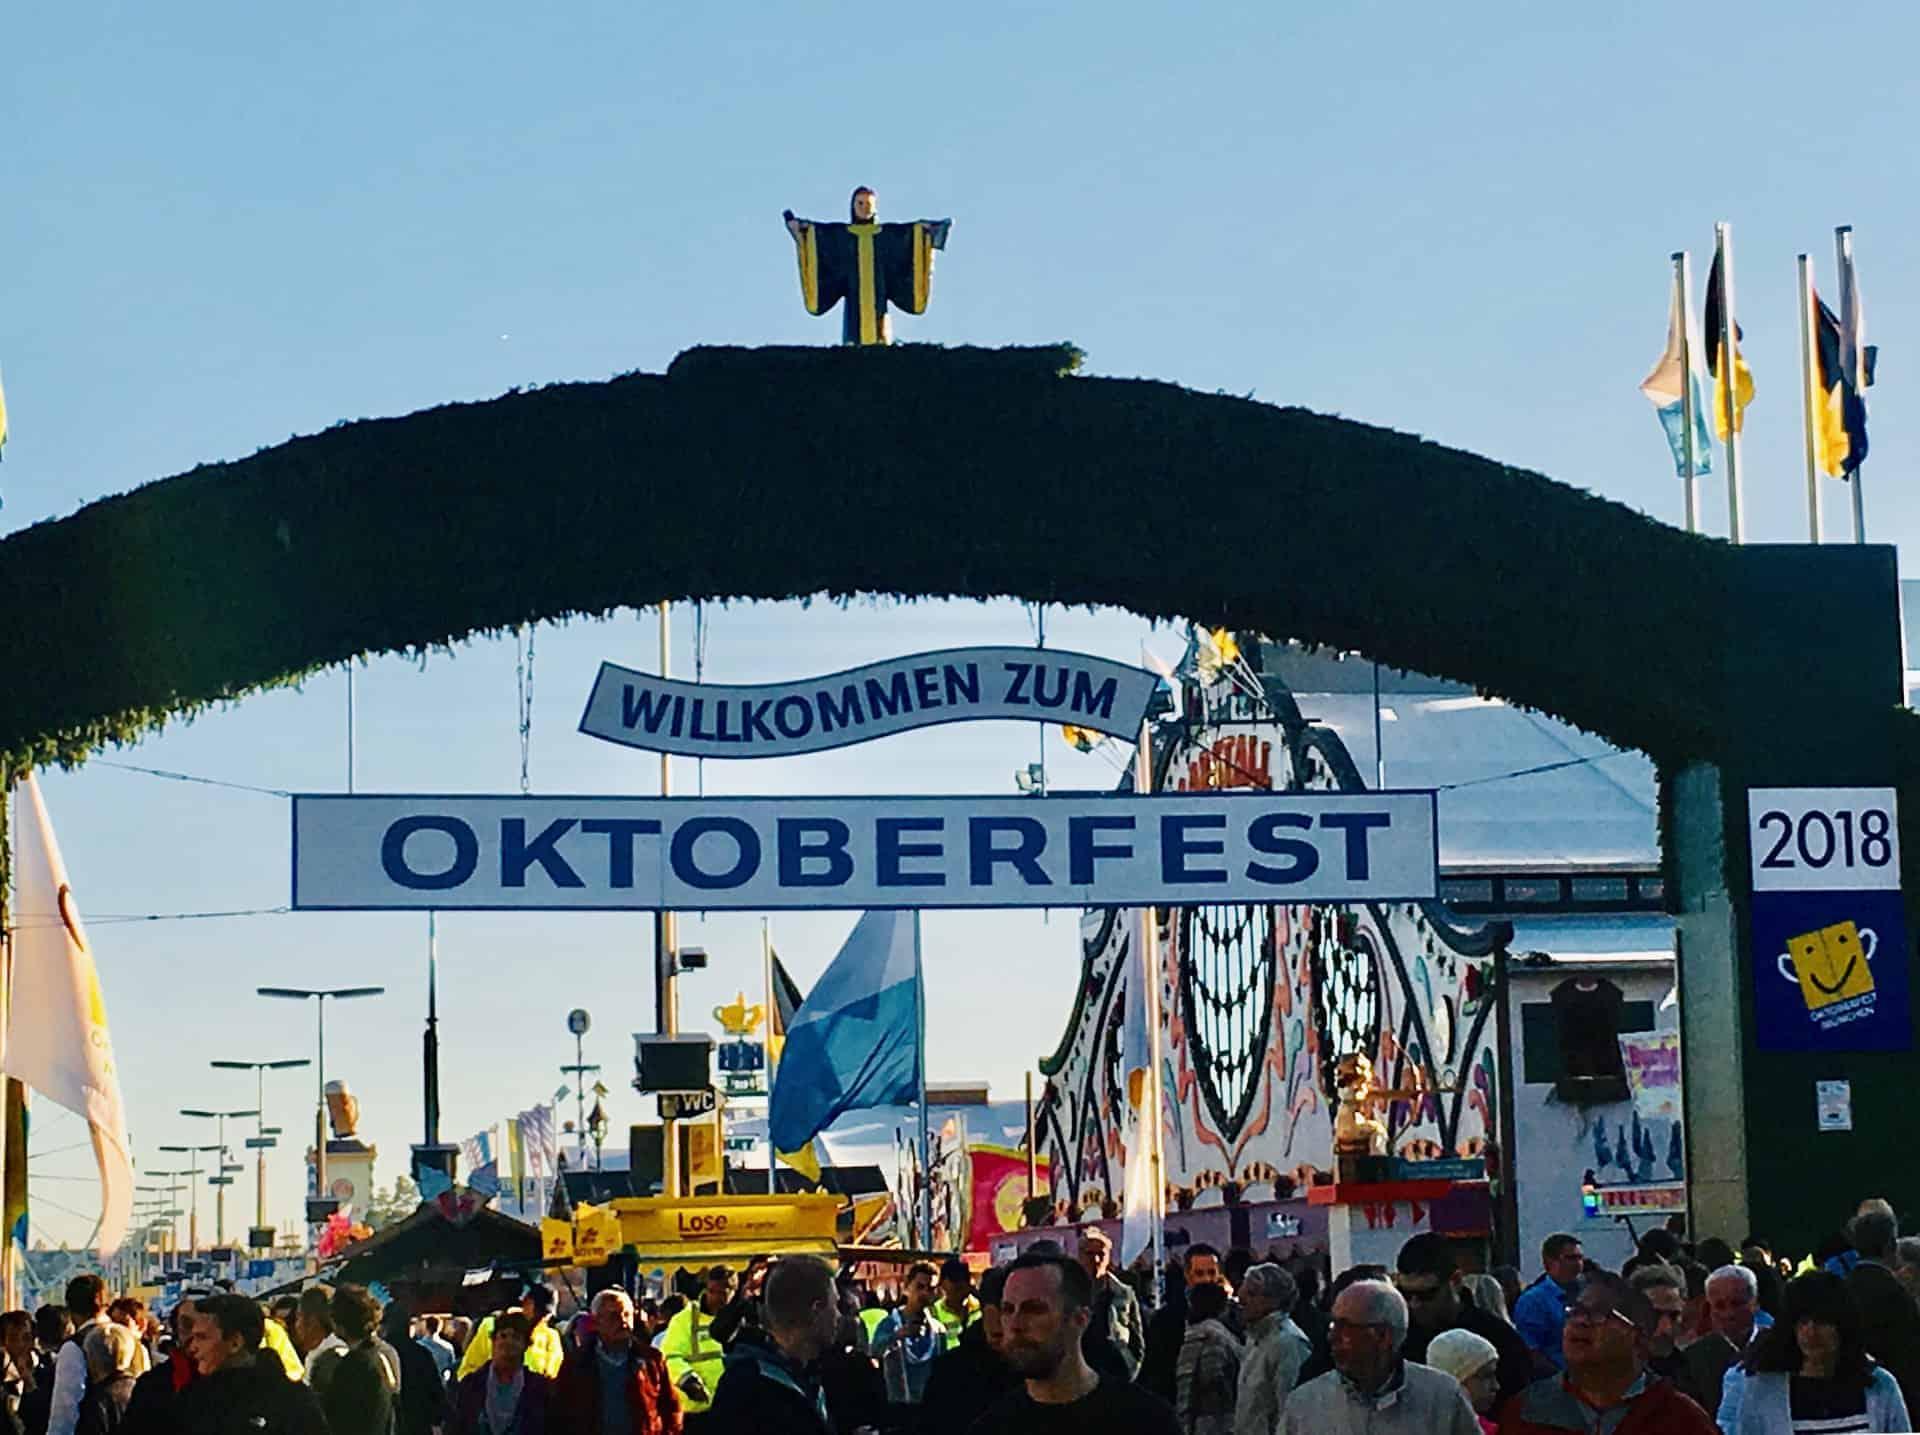 Oktoberfest_Wiesn_Haupteingang